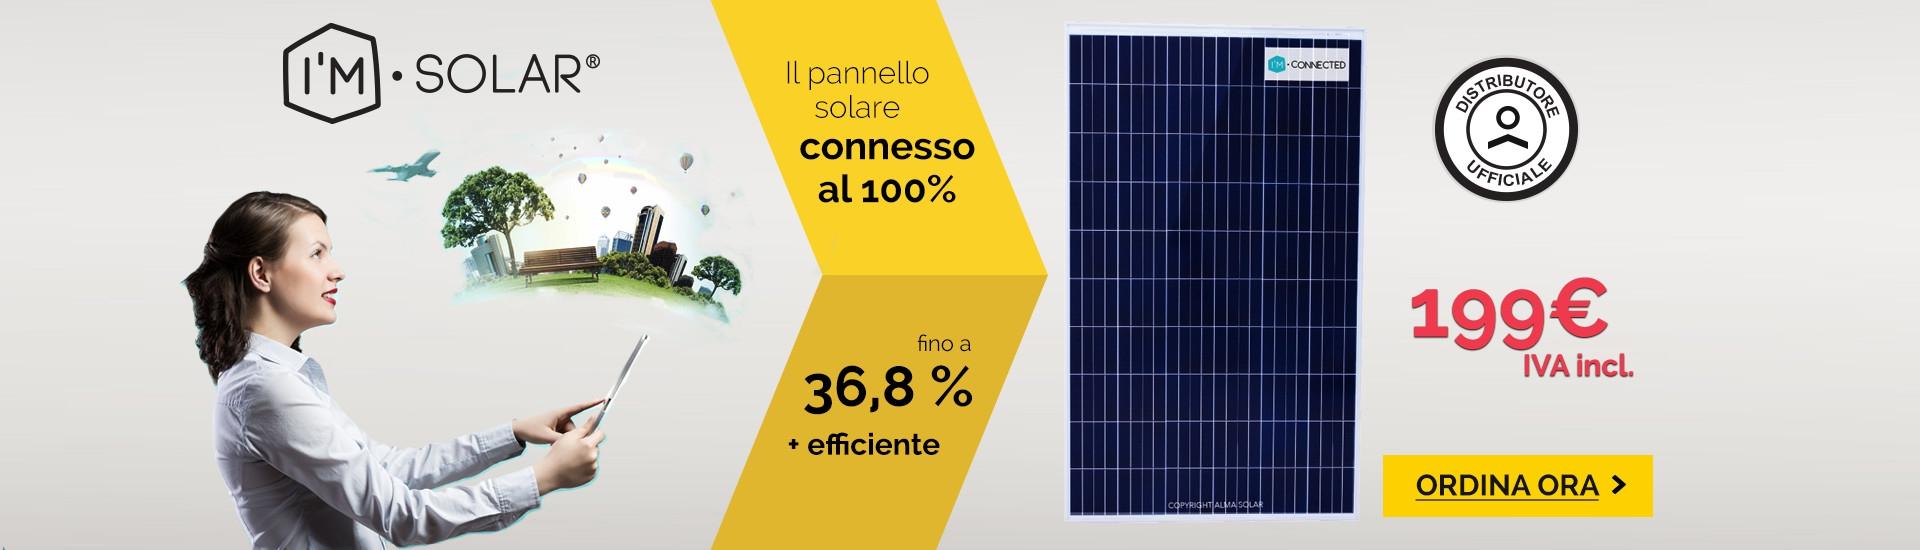 Acquista solari pannelli i'M CONNECTED